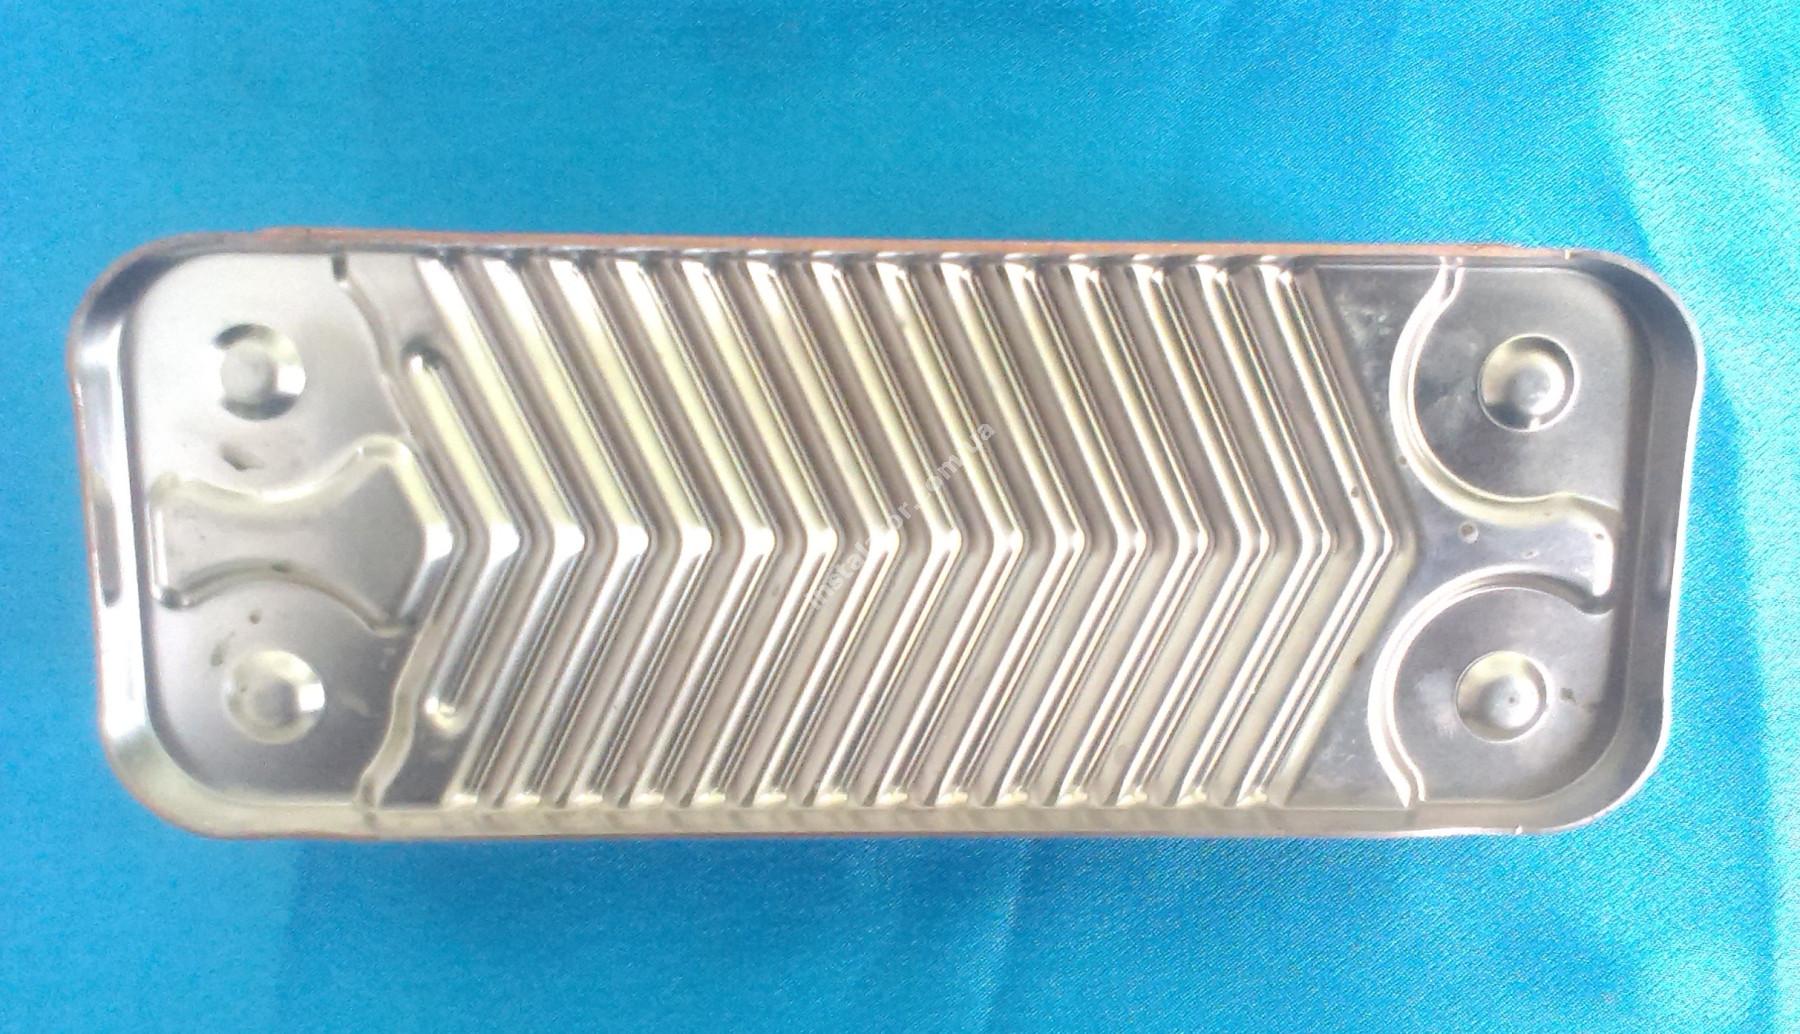 BI1001101 Теплообмінник ГВП Biasi BARVA, GARDA, RIVA COMPACT full-image-2